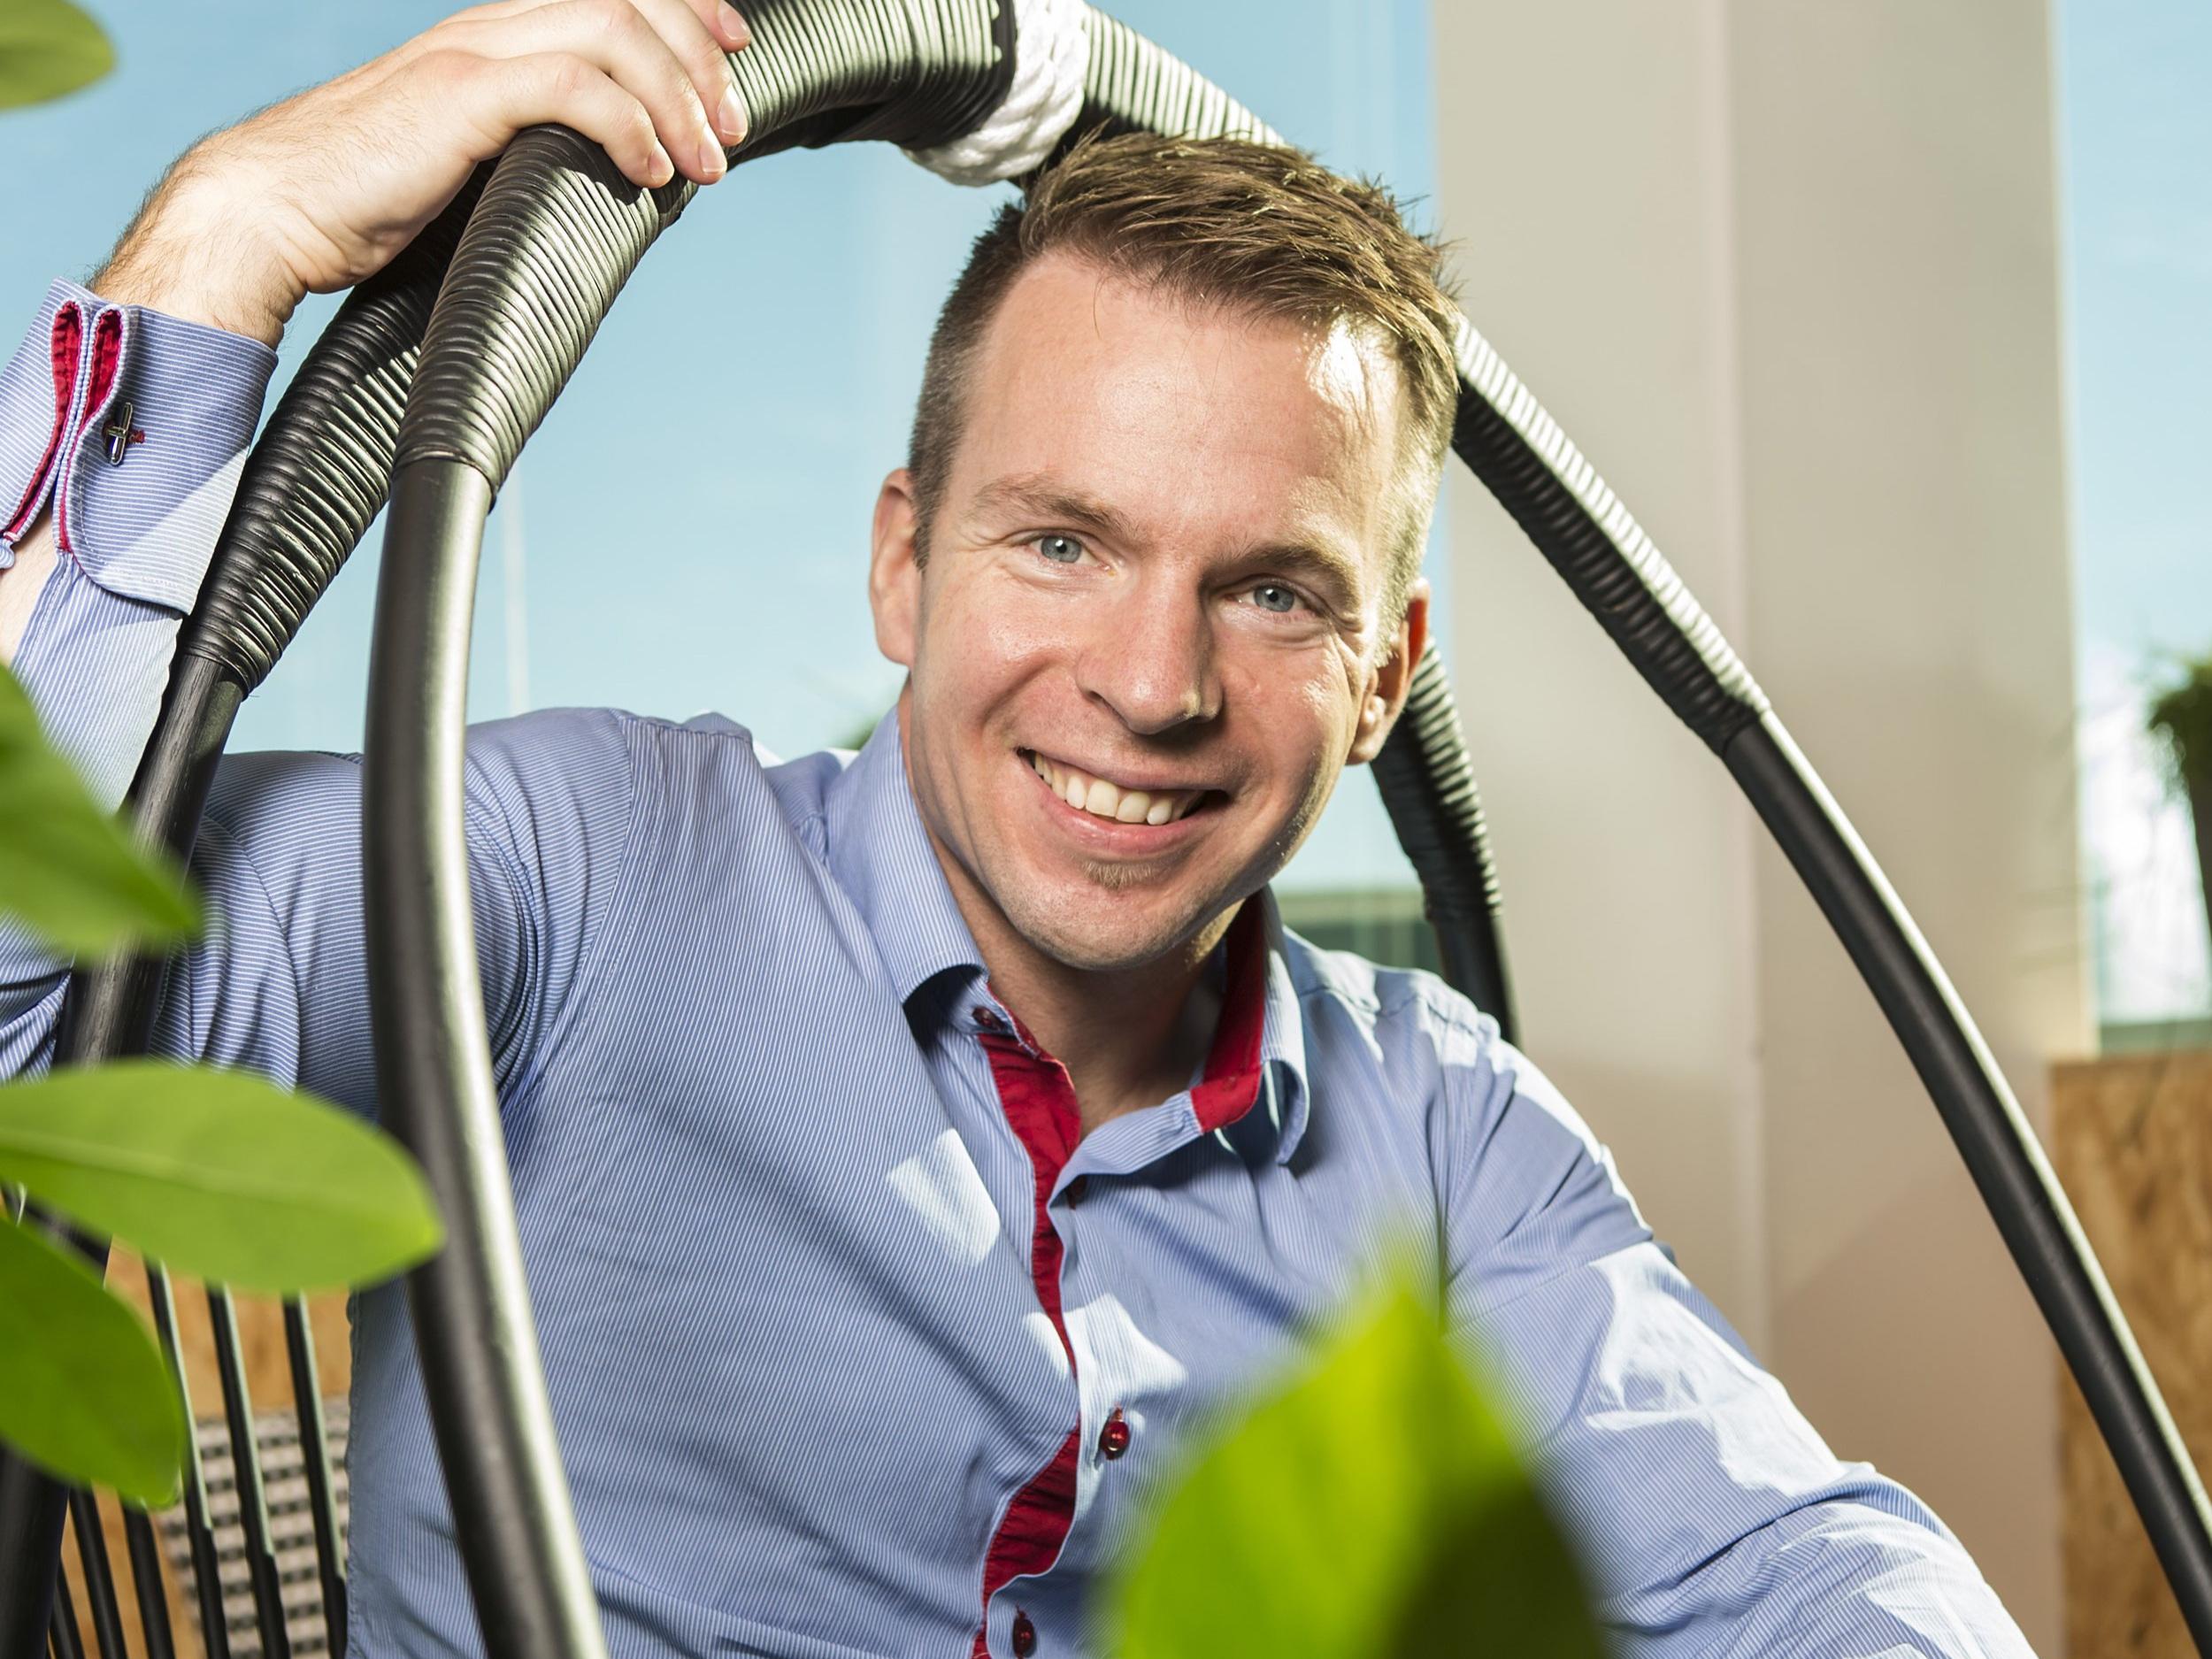 Mikko Kuitunen - SarjainnostujaTulevaisuuden johtamisen suunnannäyttäjä